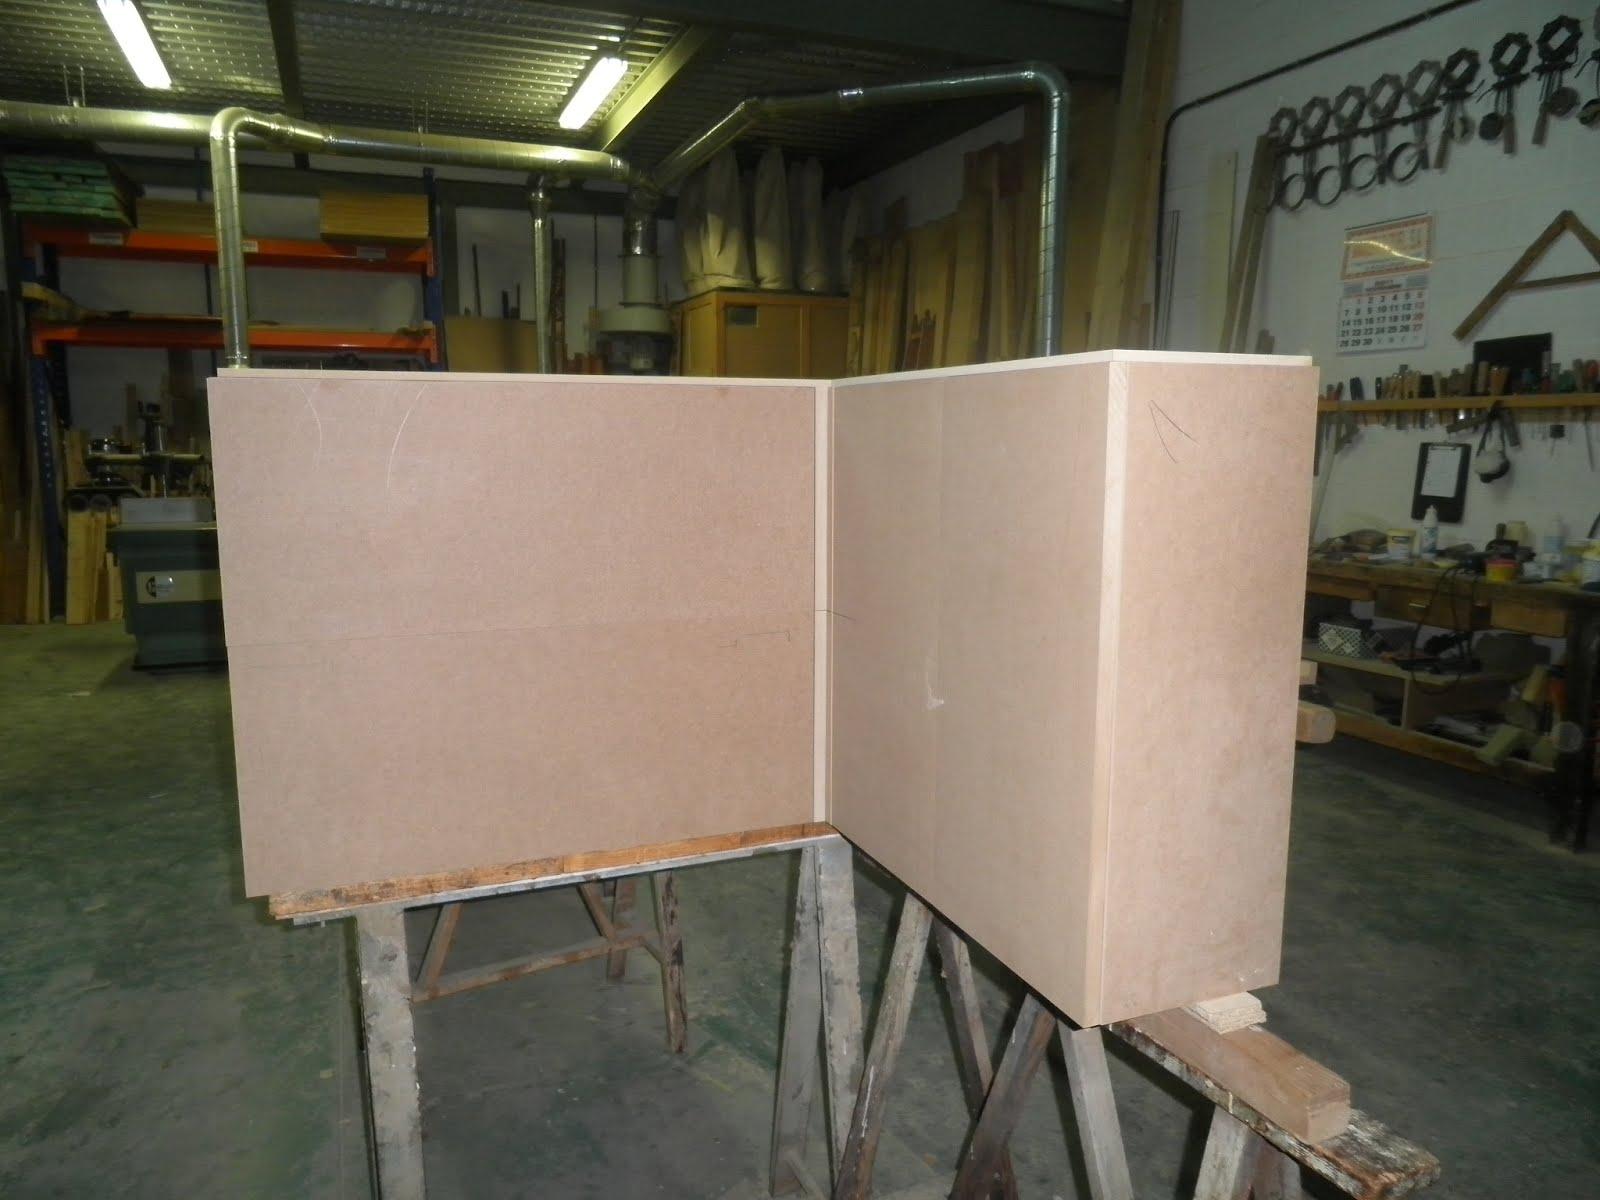 Mueble para lavabo lacado muebles cansado zaragoza for Mueble para lavabo